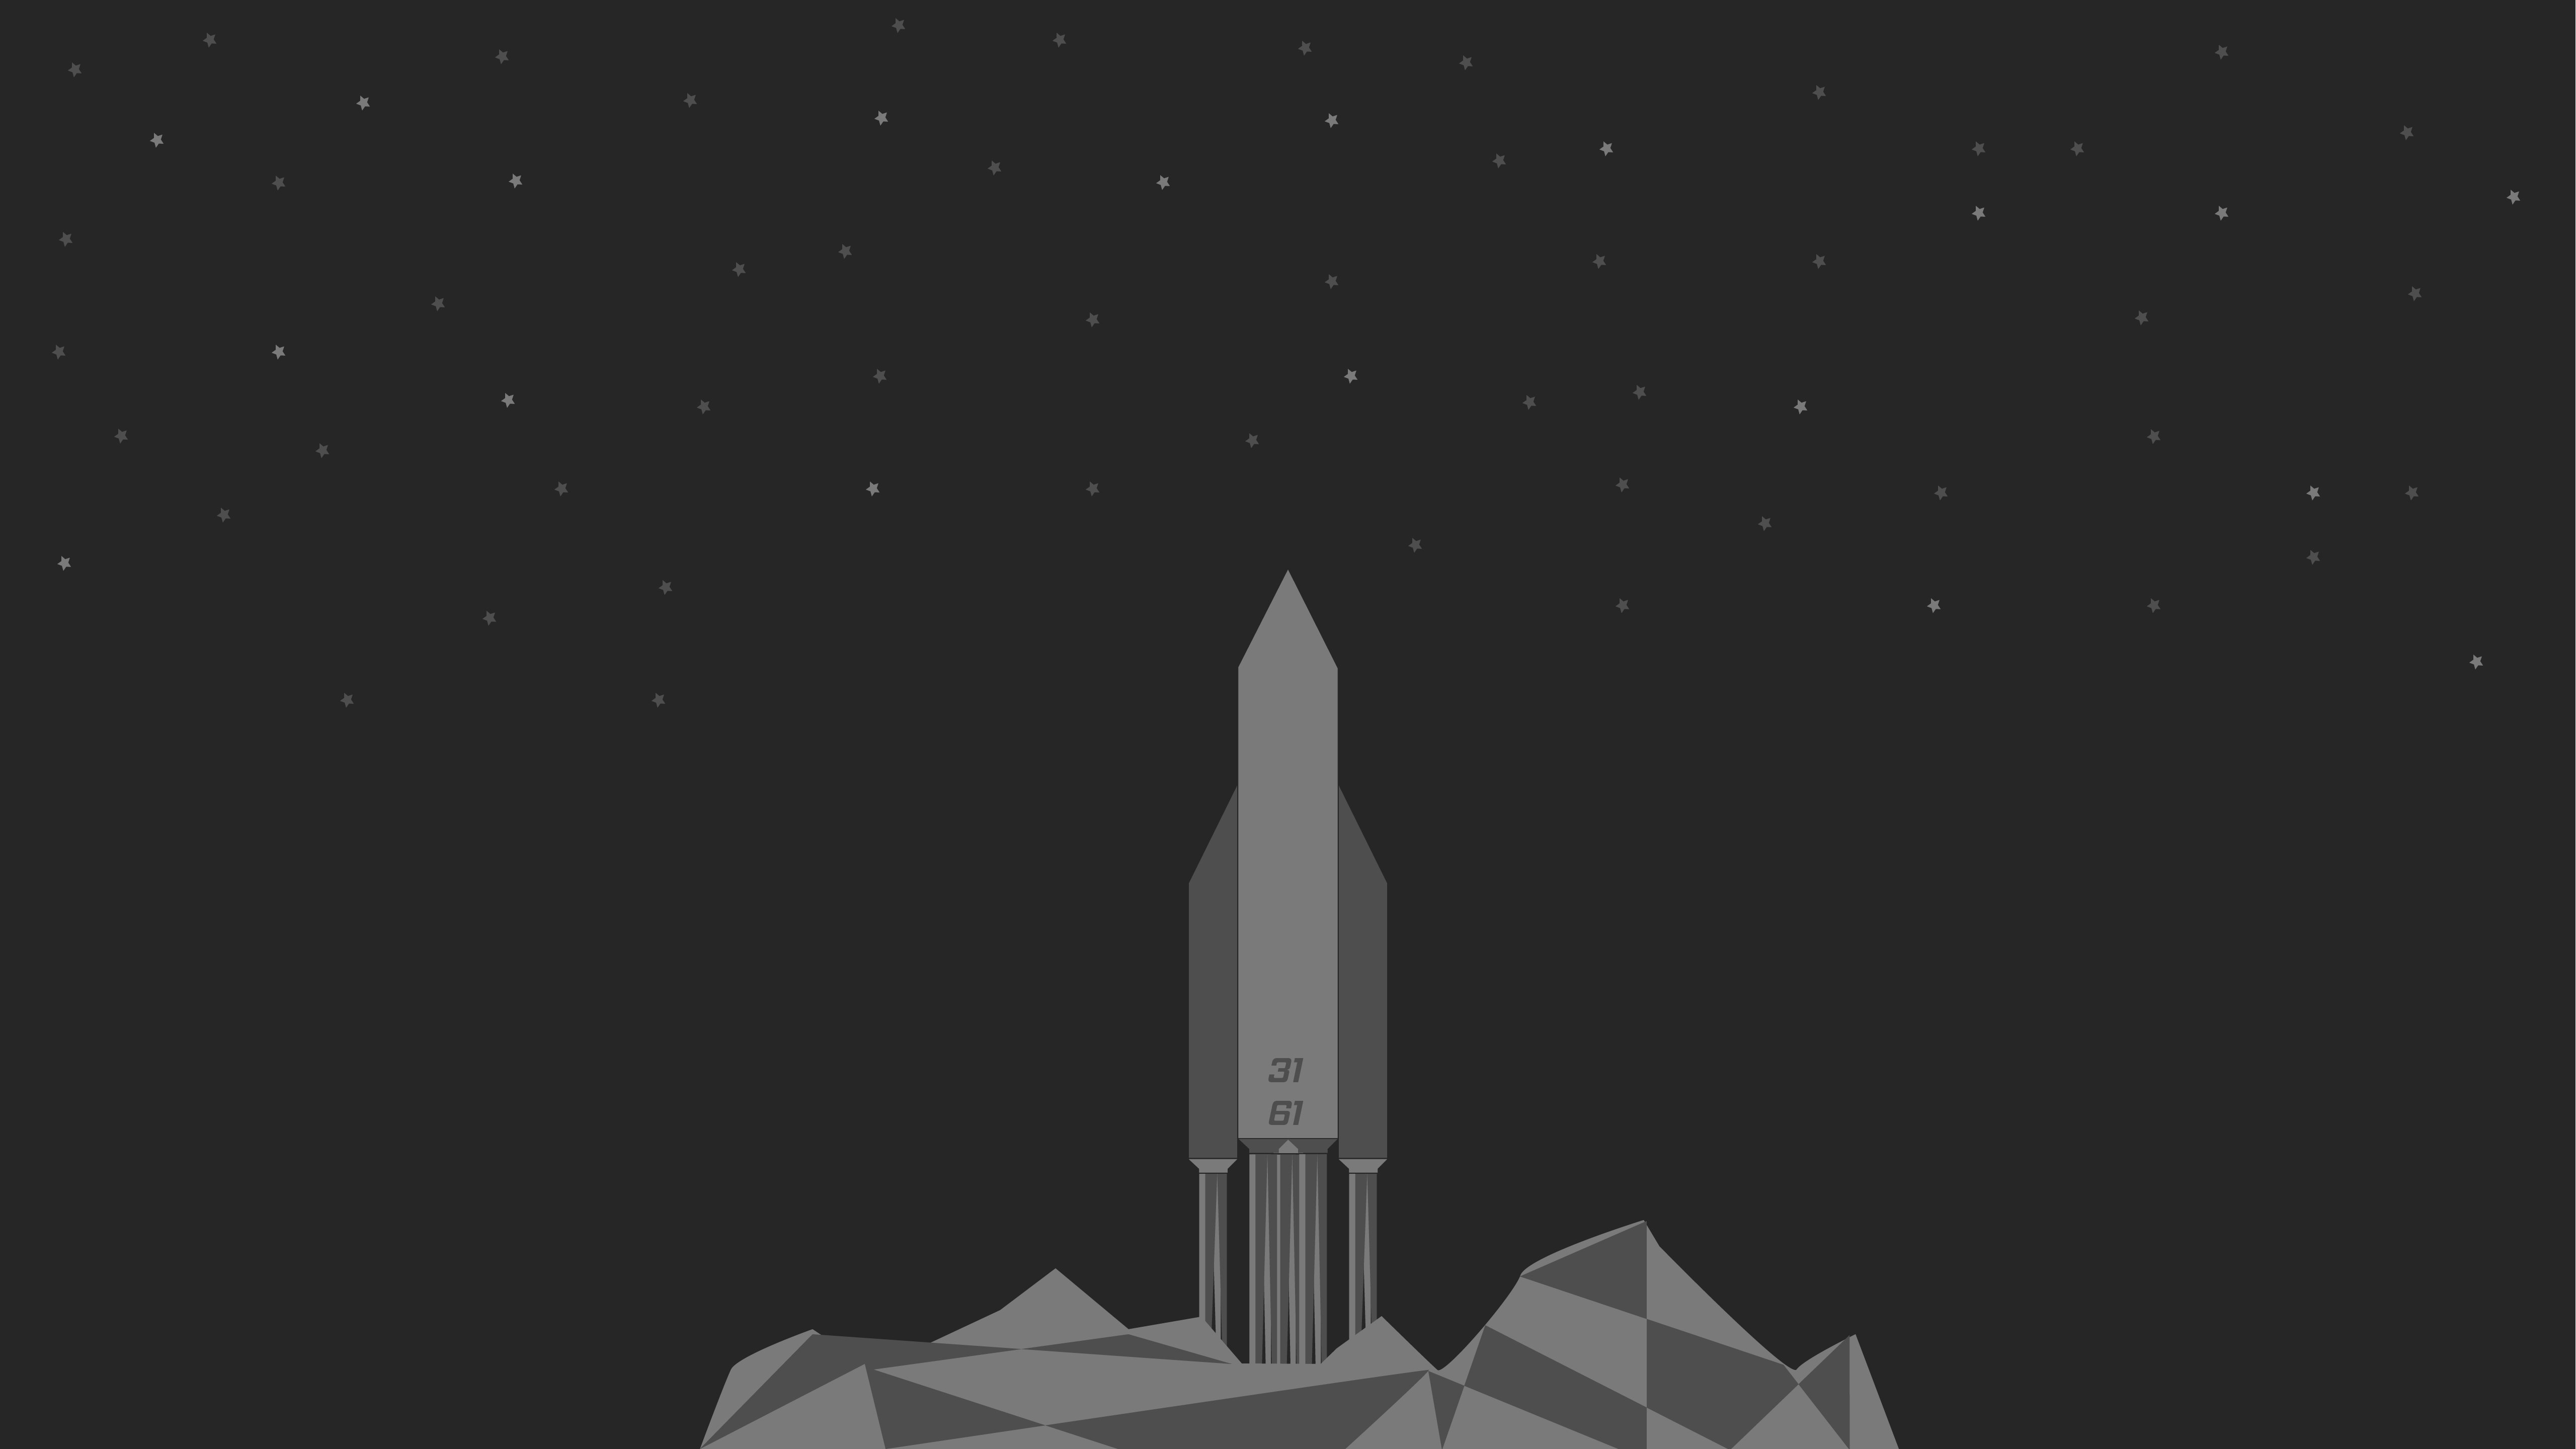 Rocket Launch 4K Wallpaper